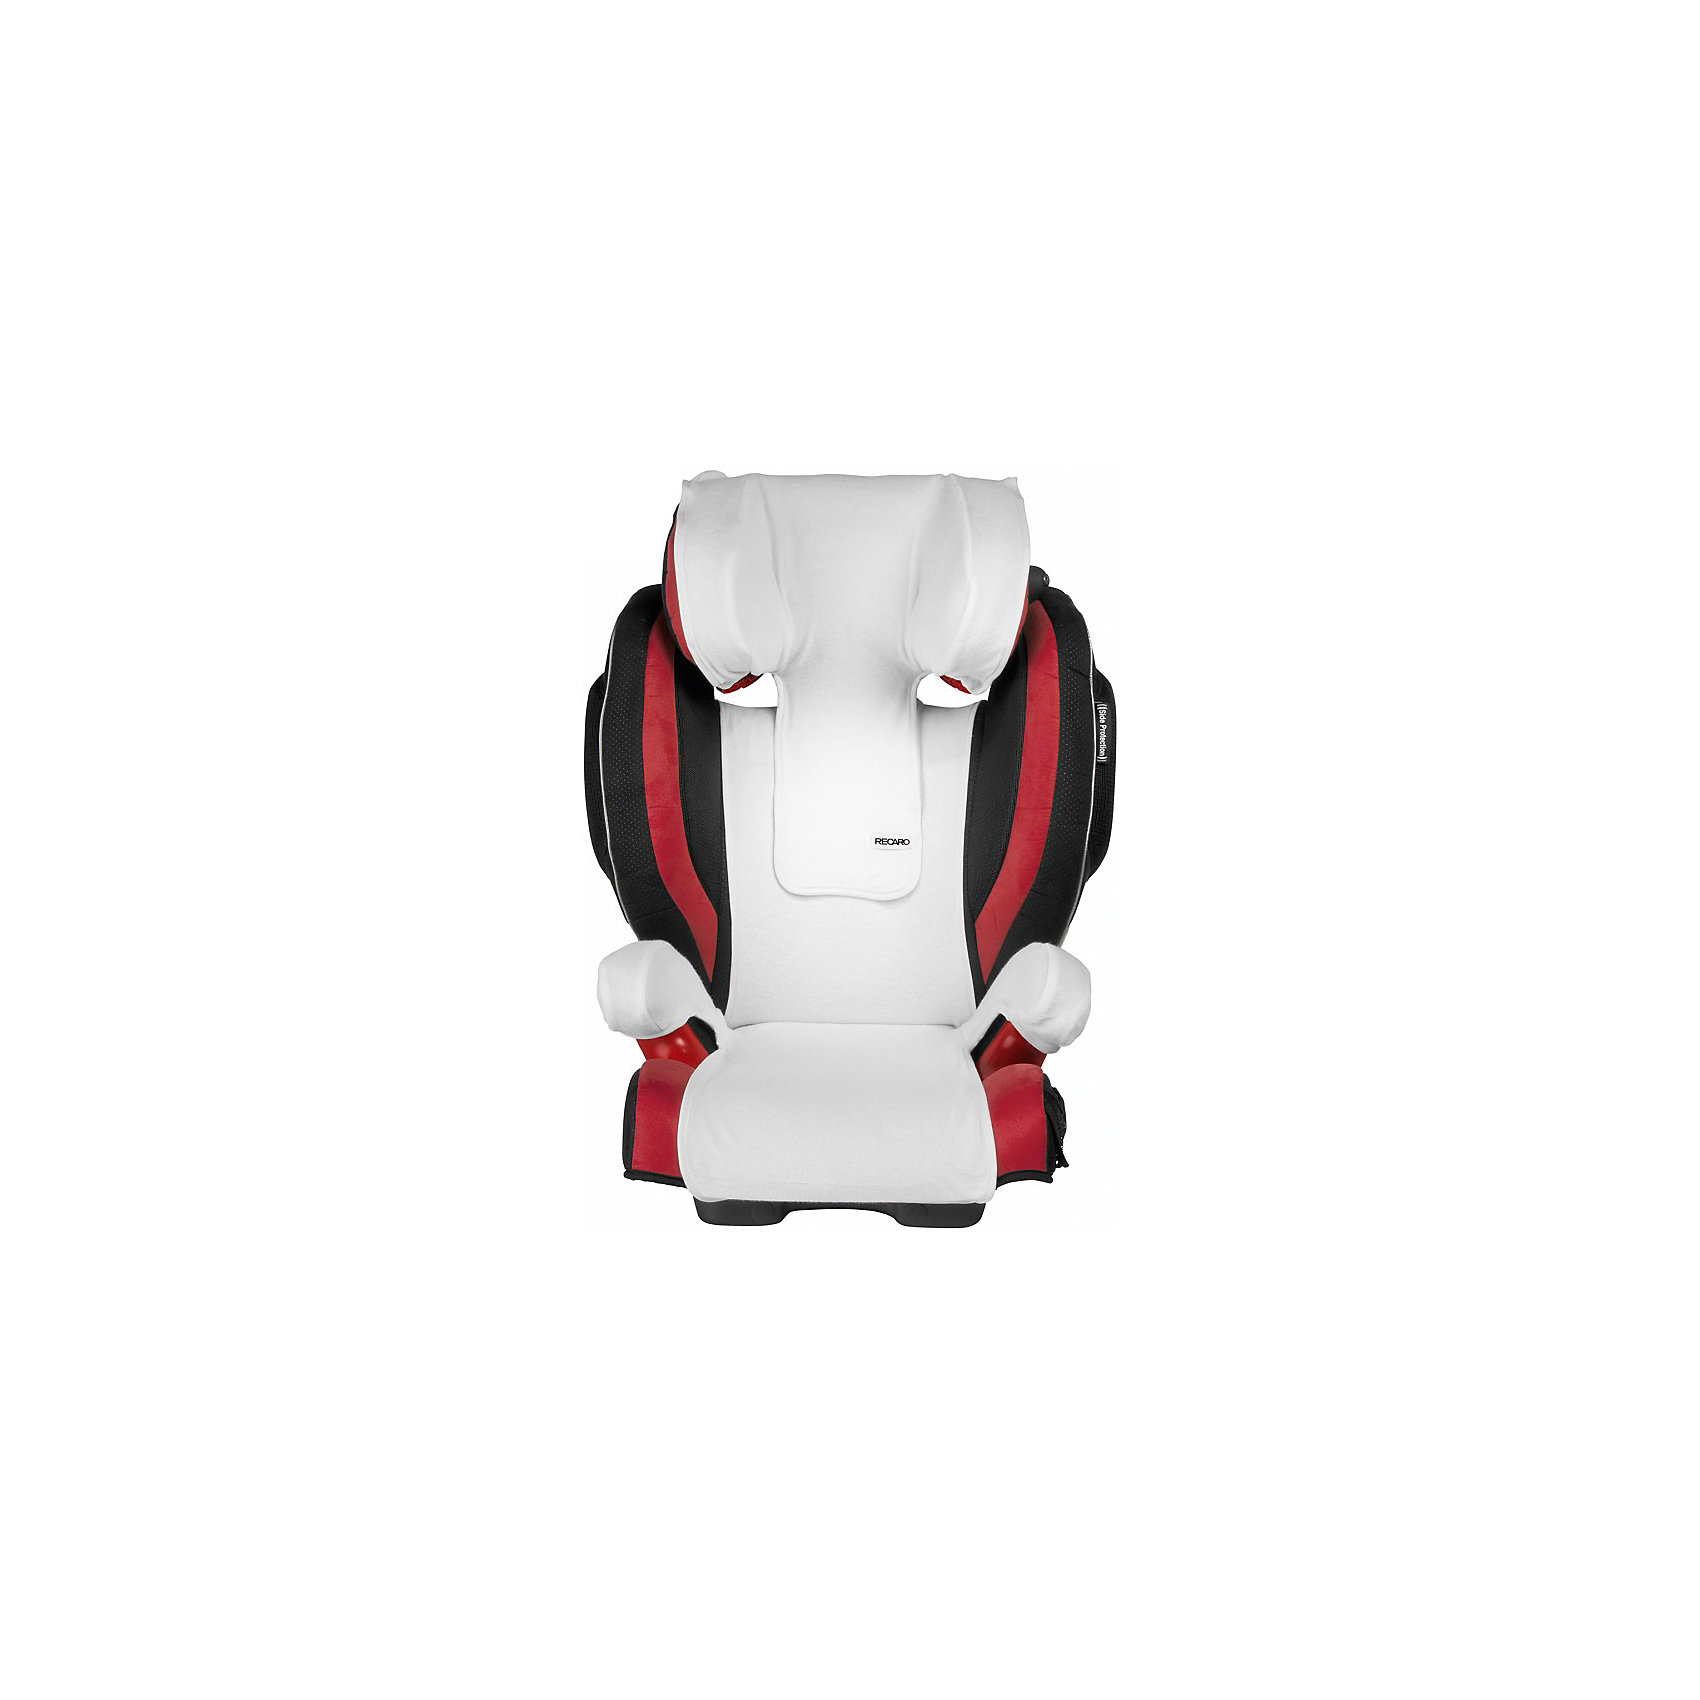 Чехол на кресло Monza Nova летний , Recaro, белыйЧехол на кресло Monza Nova летний , Recaro, белый – поможет сохранить кресло на долгое время в идеальном состоянии и обезопасит малыша от бактерий. <br>Летний чехол предотвращает потницу, раздражения и помогает ребенку не перегреться, если вы едете длительное время по жаре. Сделан чехол из качественной ткани и пропитан антибактериальным веществом. Он защищает нежную кожу малыша от выхлопных газов, бактерий и жары.<br><br>Дополнительная информация:<br><br>- цвет: белый<br>- ткань: 48% бамбук<br><br>Чехол на кресло Monza Nova летний , Recaro, белый можно купить в нашем интернет магазине.<br><br>Ширина мм: 100<br>Глубина мм: 100<br>Высота мм: 100<br>Вес г: 210<br>Возраст от месяцев: 12<br>Возраст до месяцев: 144<br>Пол: Унисекс<br>Возраст: Детский<br>SKU: 4999110